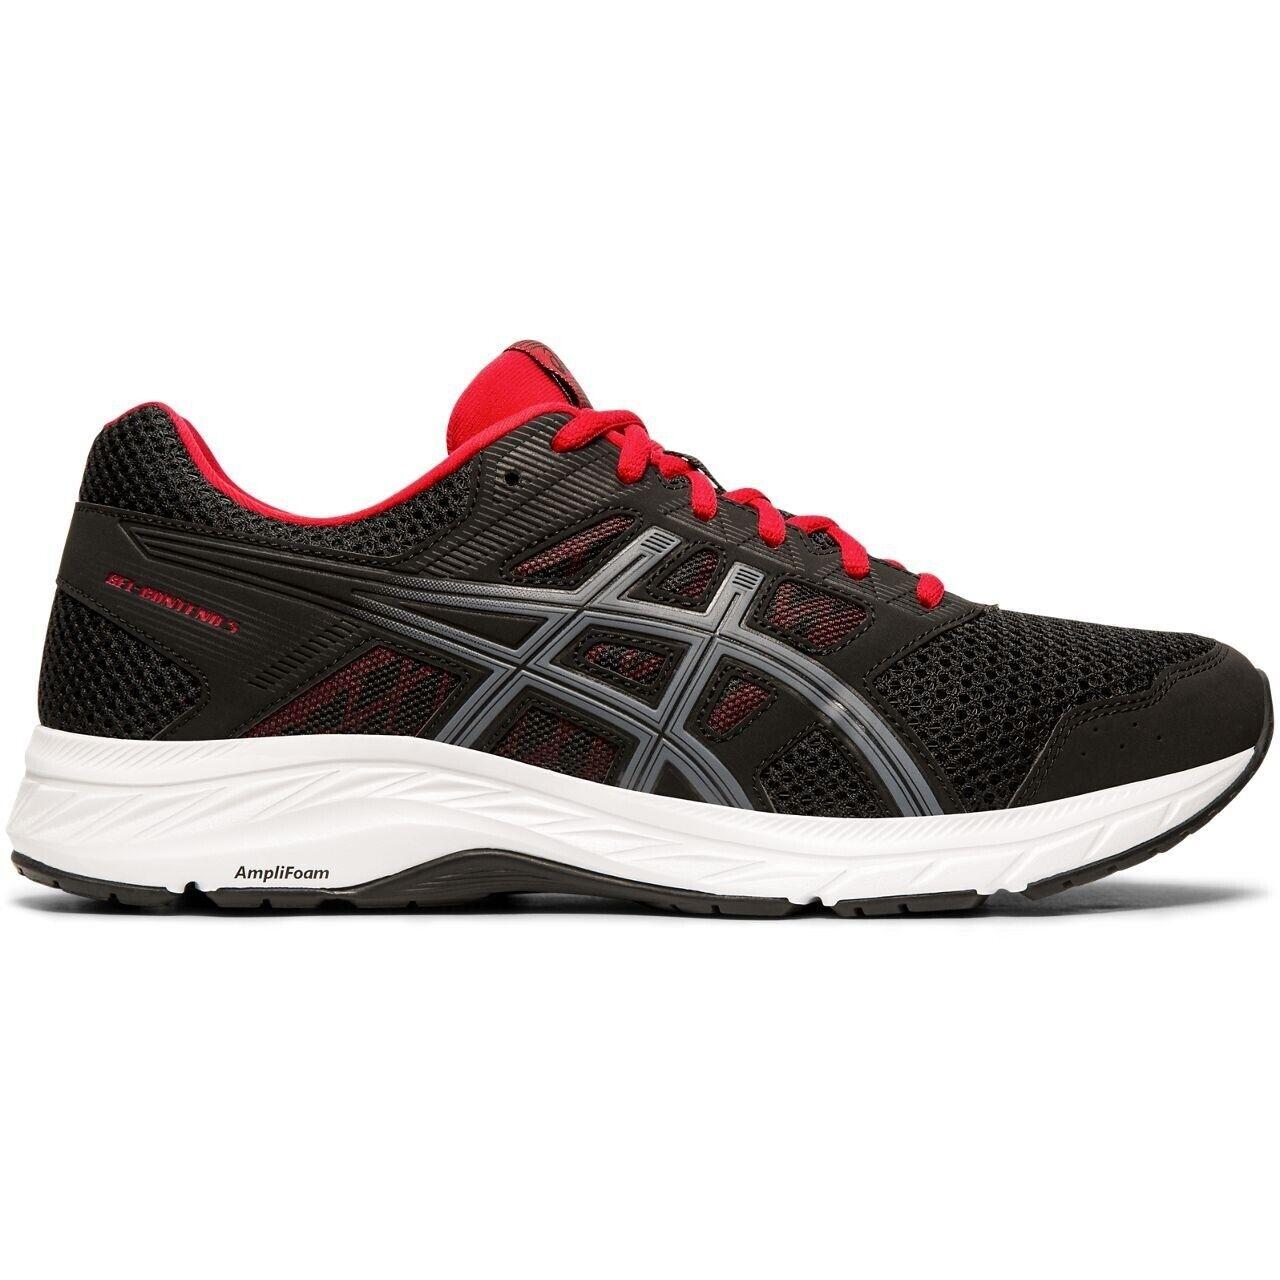 ASICS GEL-Contend 5 (4E) - hombre para correr Zapato-Negro - 1011A252.005